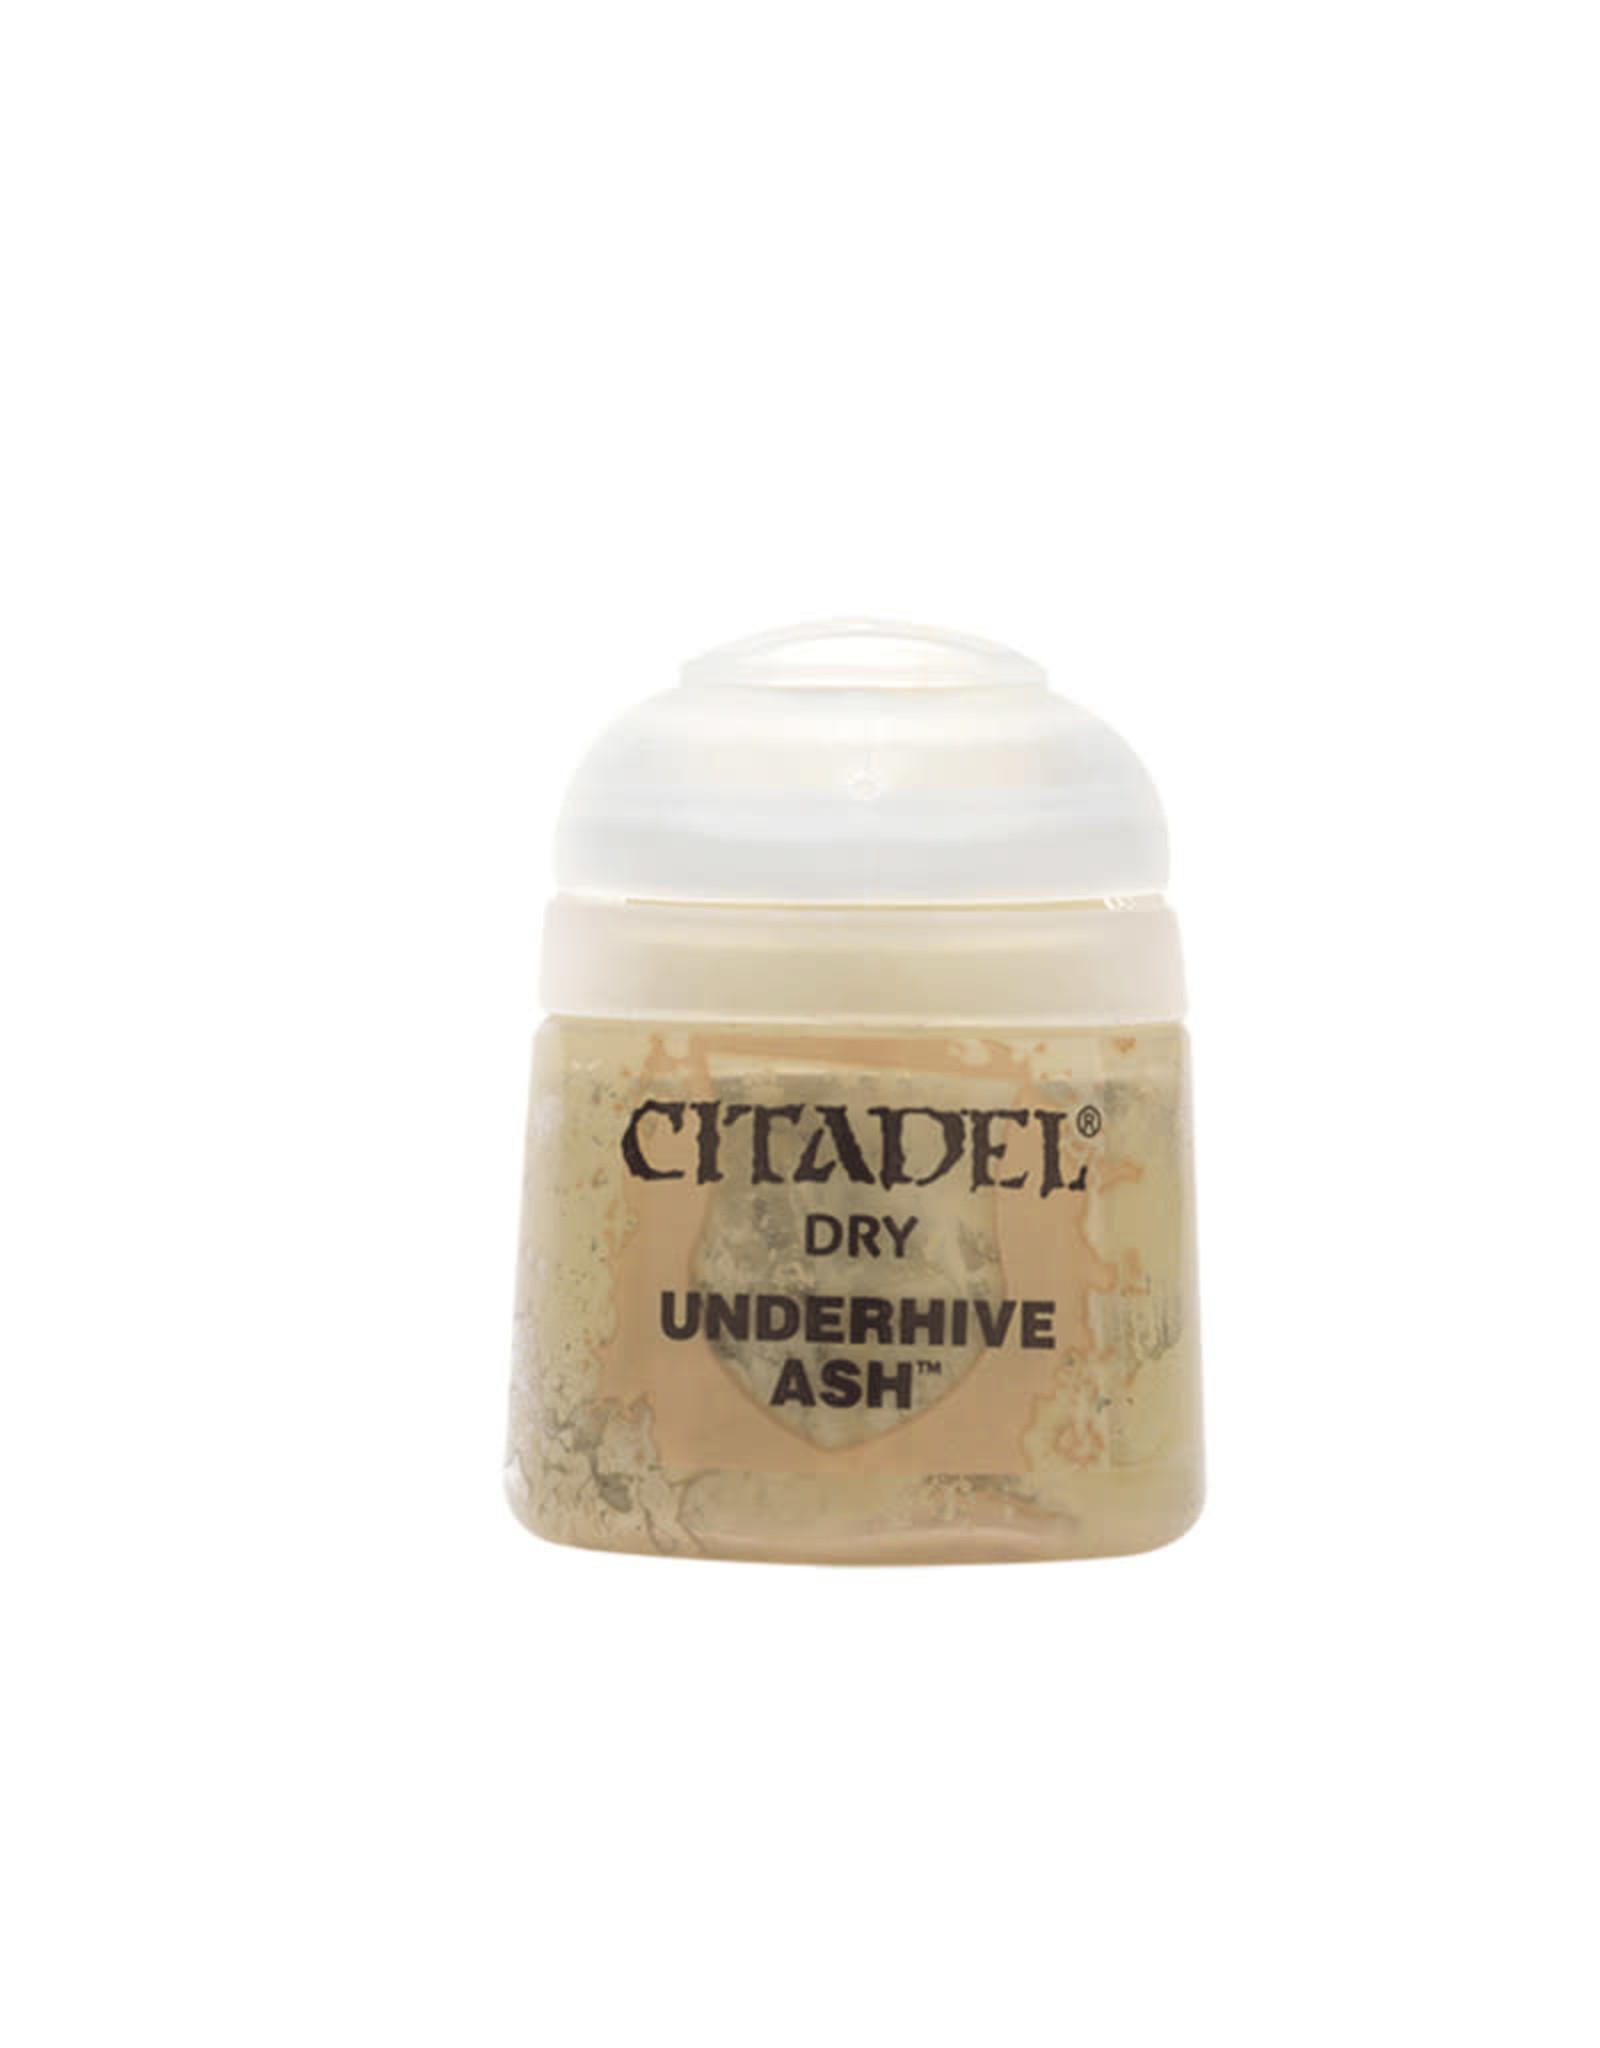 Citadel Dry Paint: Underhive Ash